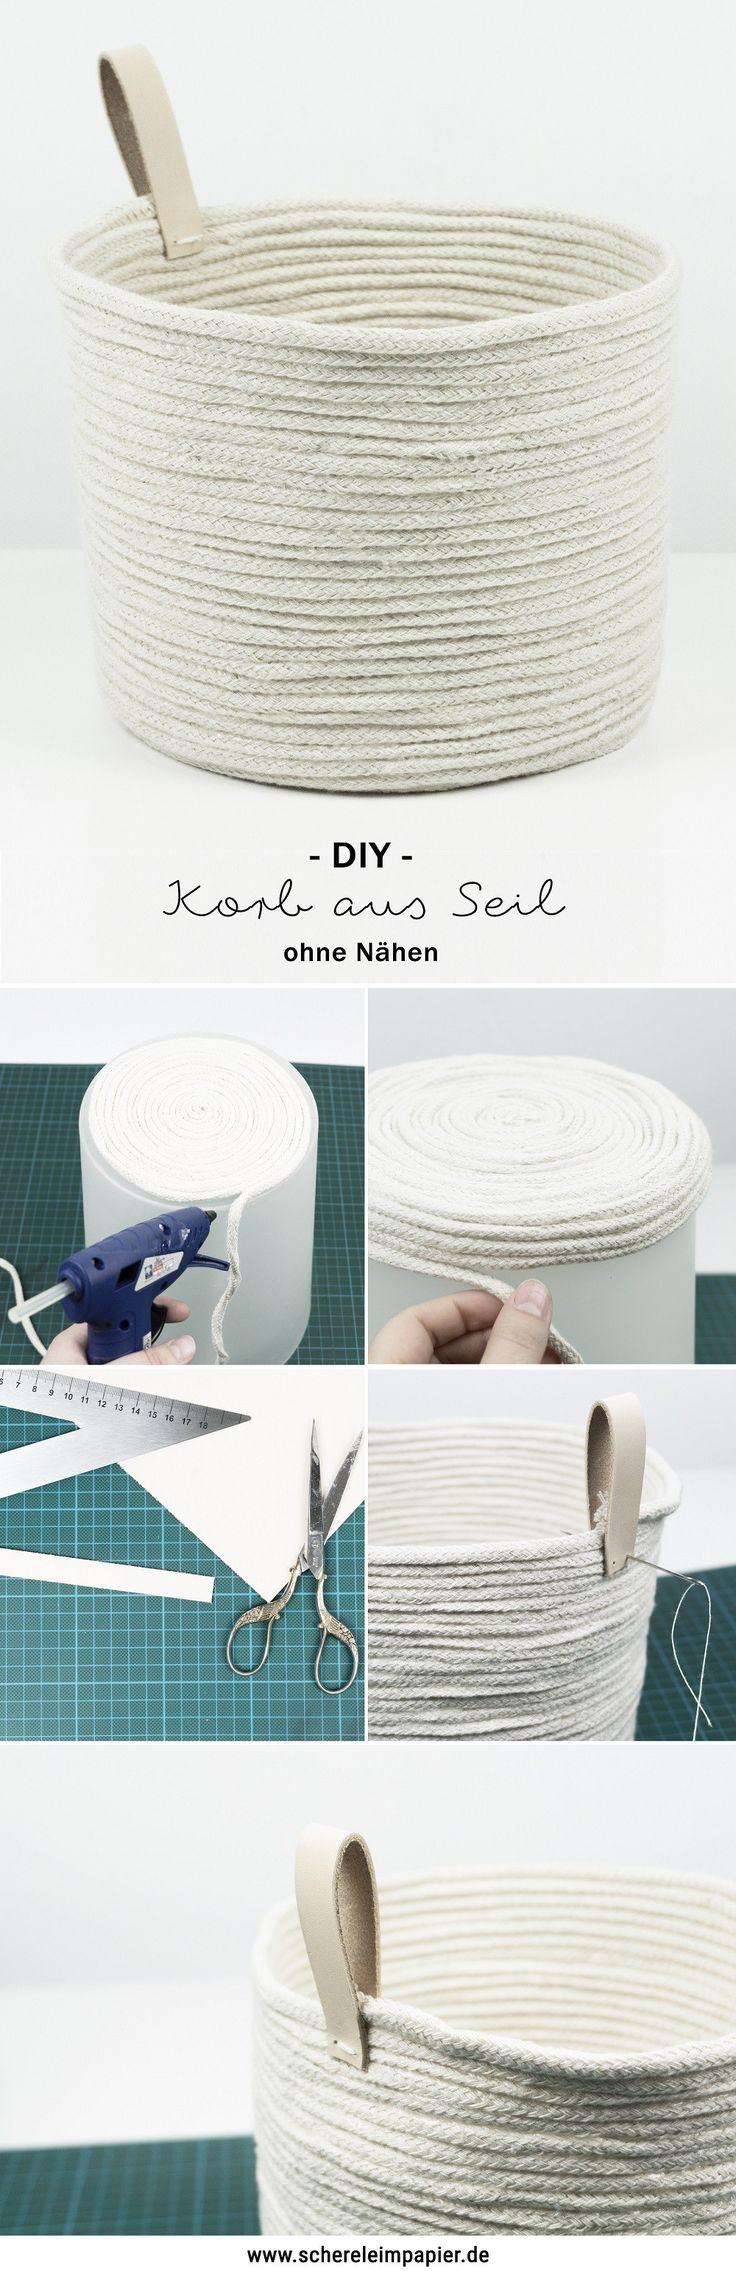 Mama DIY | Korb aus Seil und das ganz ohne Nähen & für die Kids kann es auch gern etwas farbiger sein.